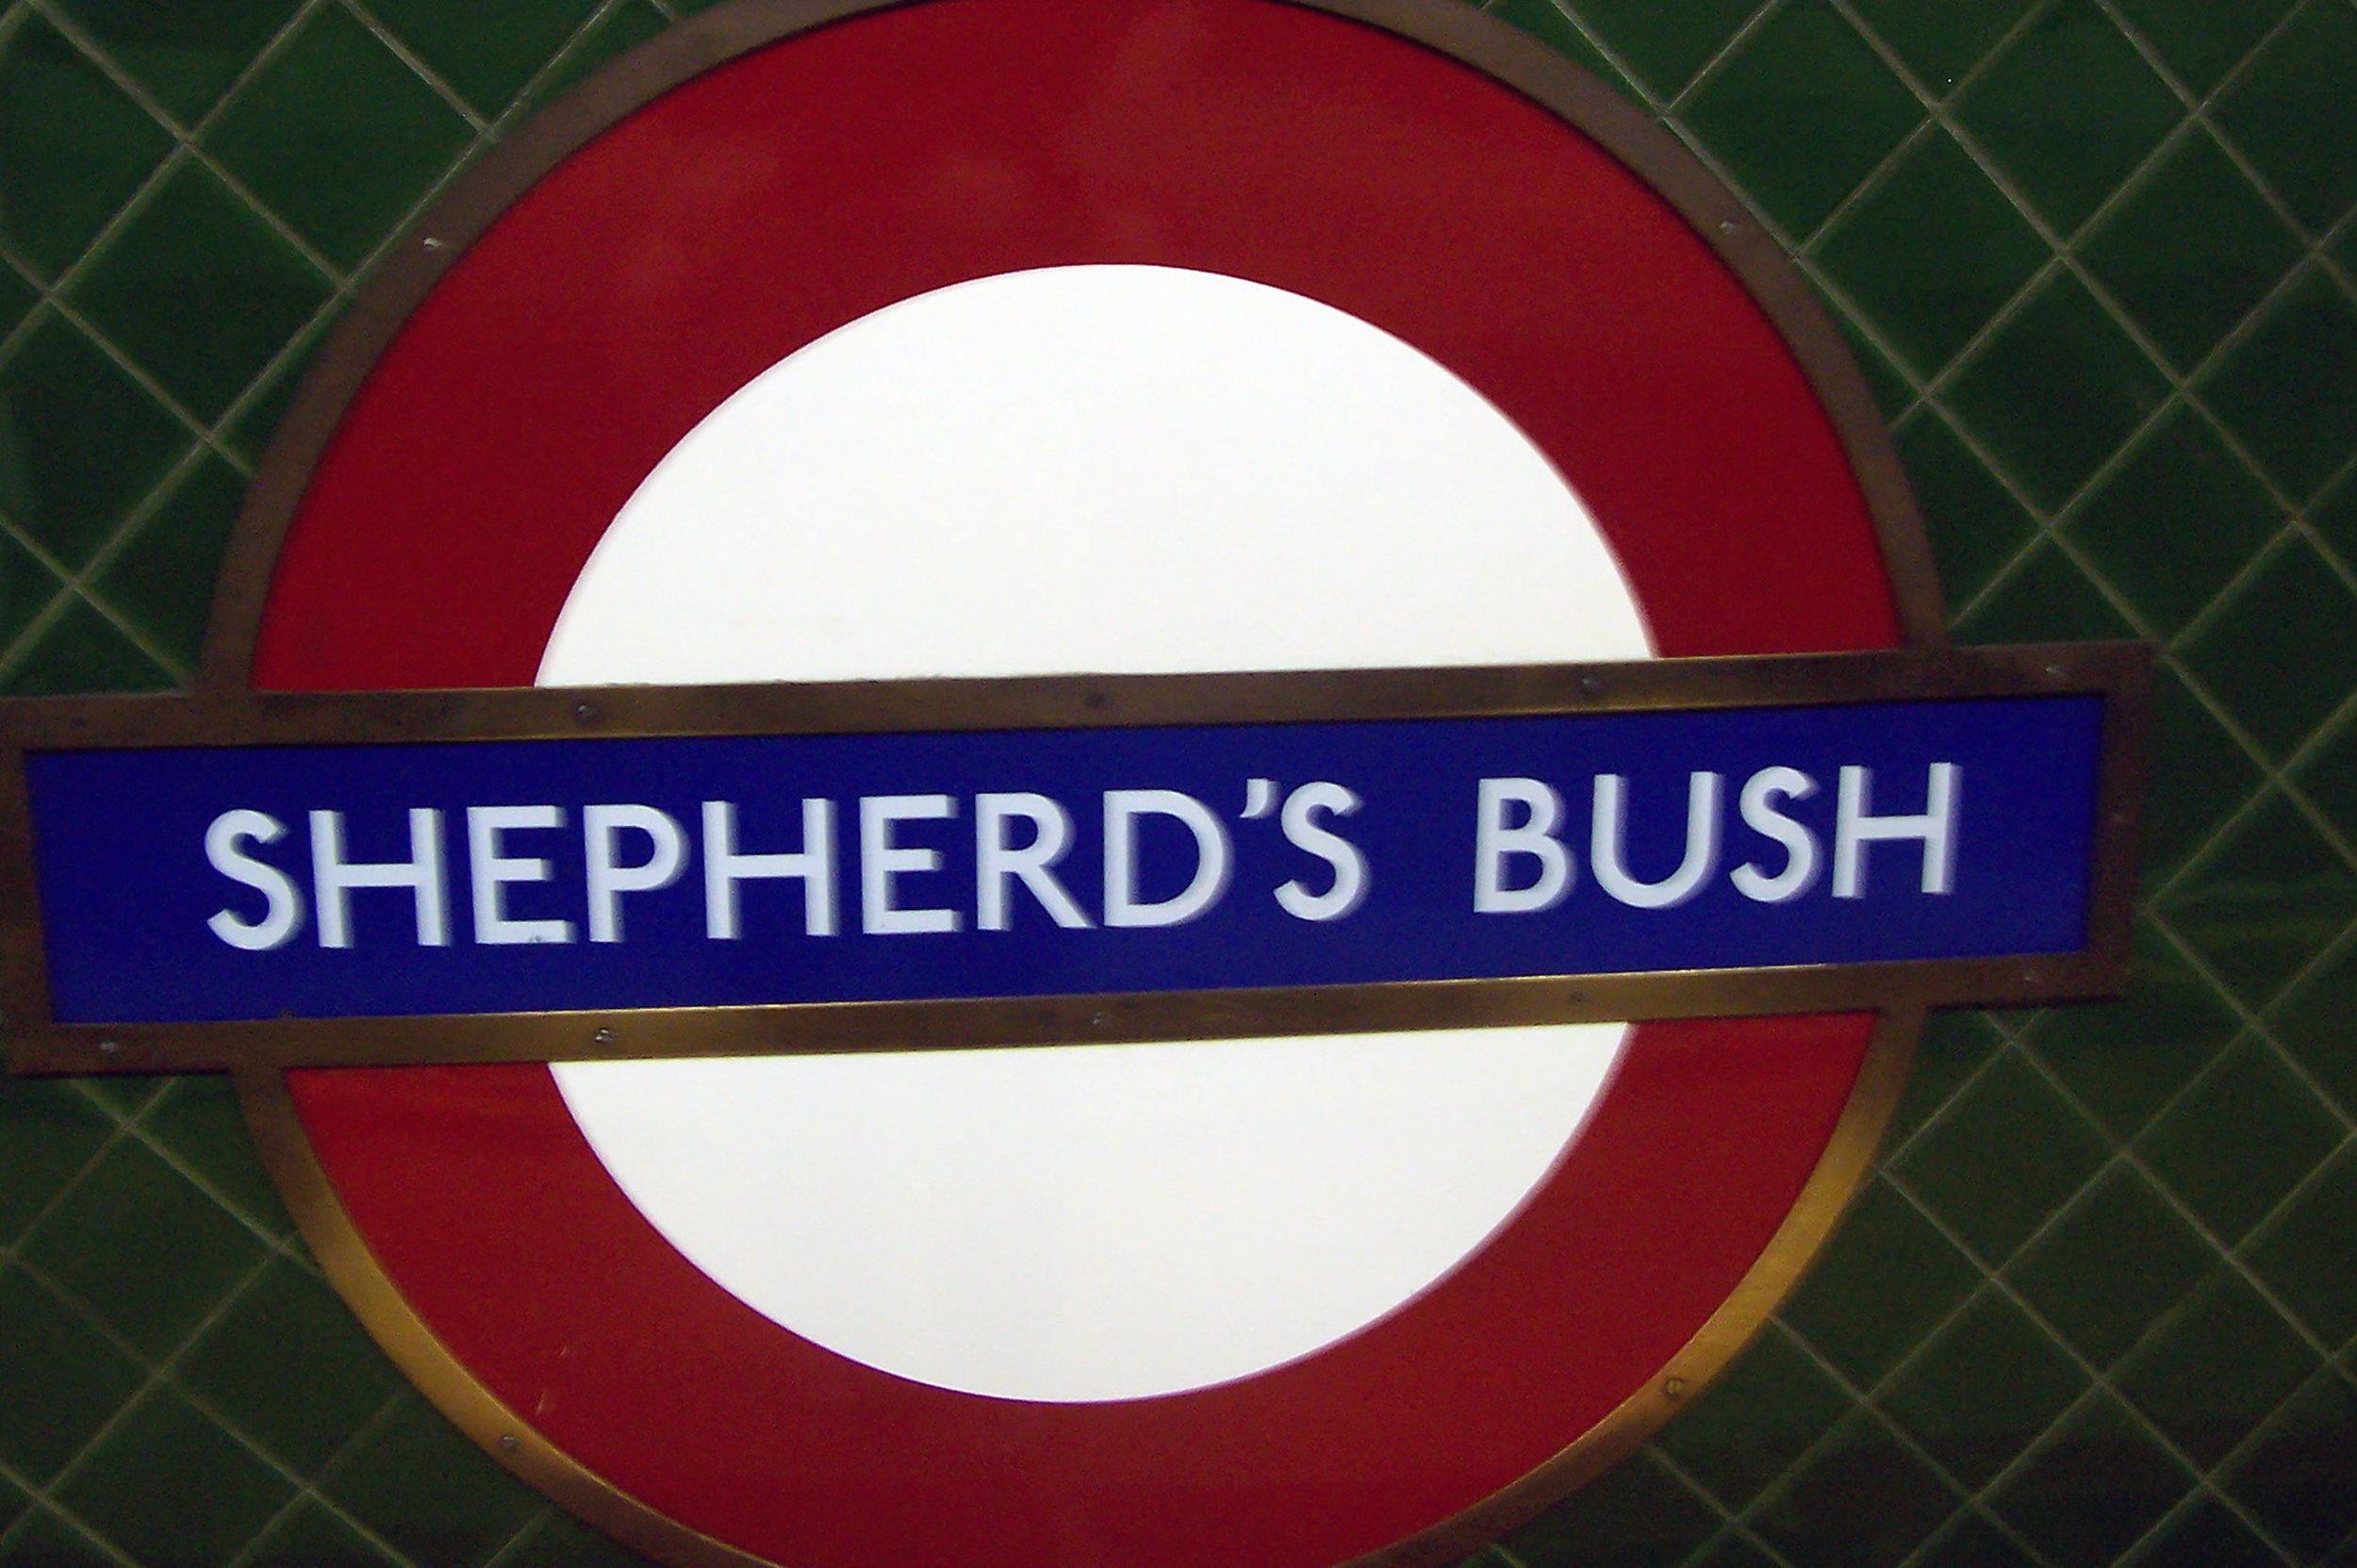 Shepherds Bush.jpg